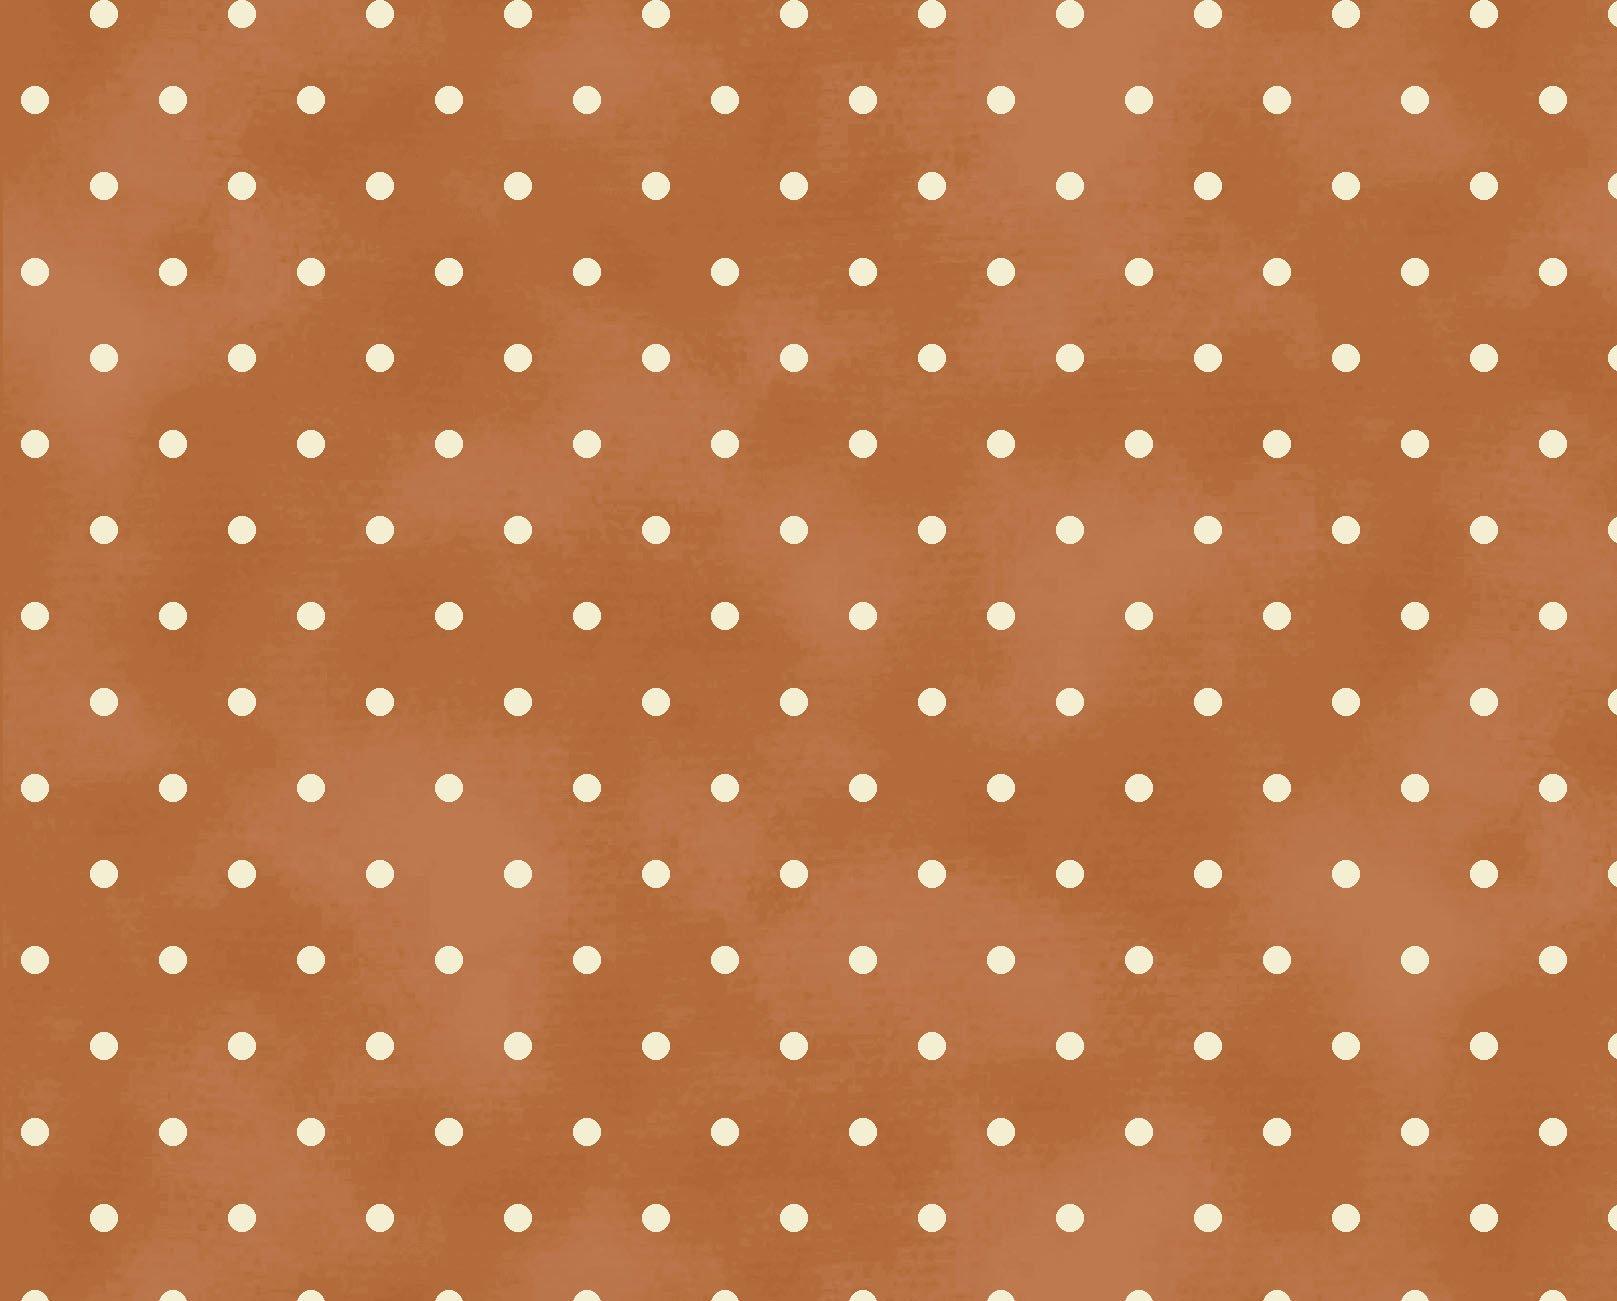 Garden Getaway Fabric 6 (0960 0129)